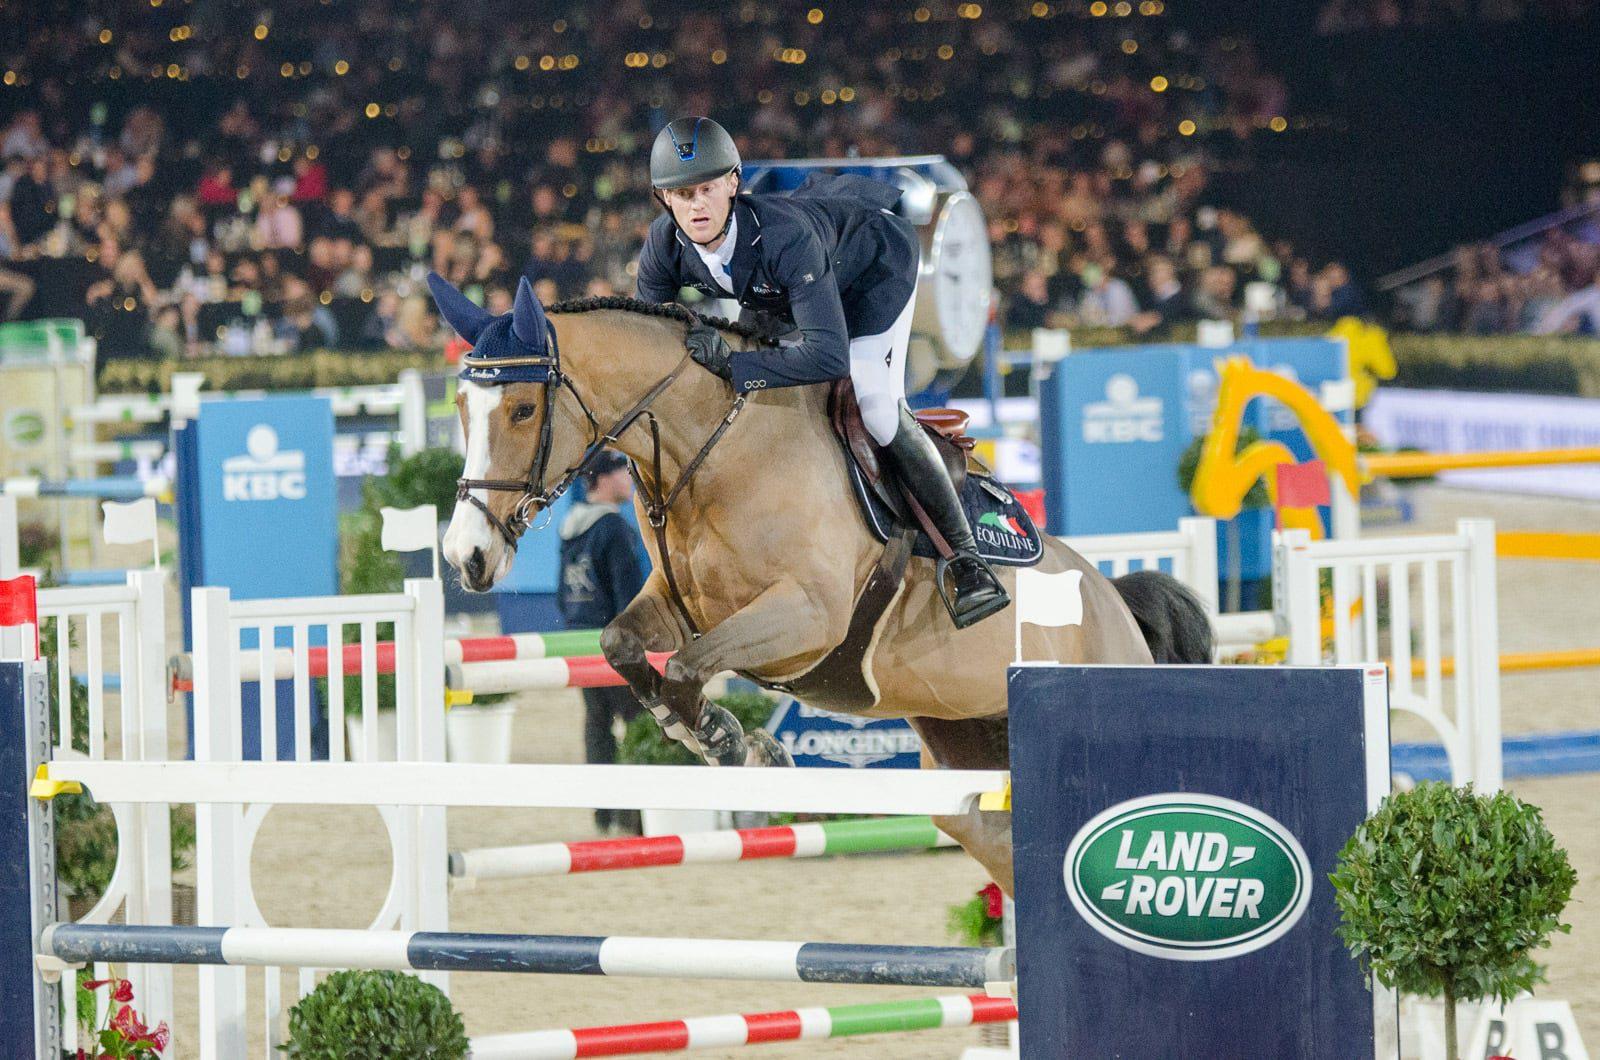 Jumping Mechelen – Niels Bruynseels  siegt im Grand Prix Sport Vlaandren